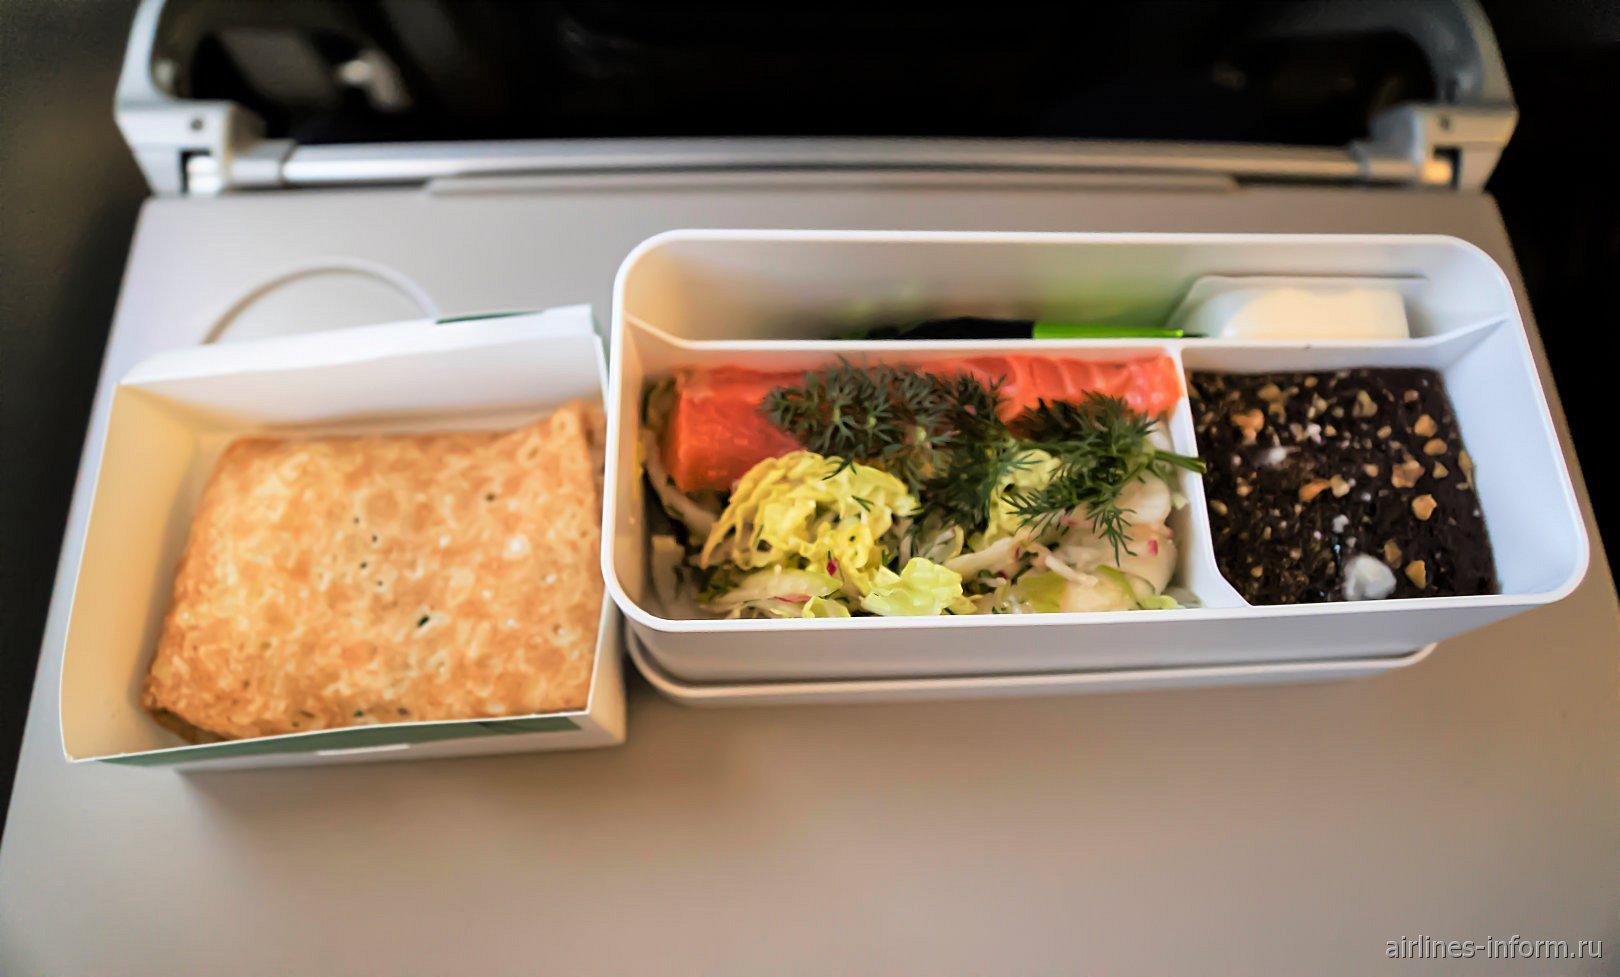 Бортовое питание на рейсе Москва-Цюрих авиакомпании SWISS